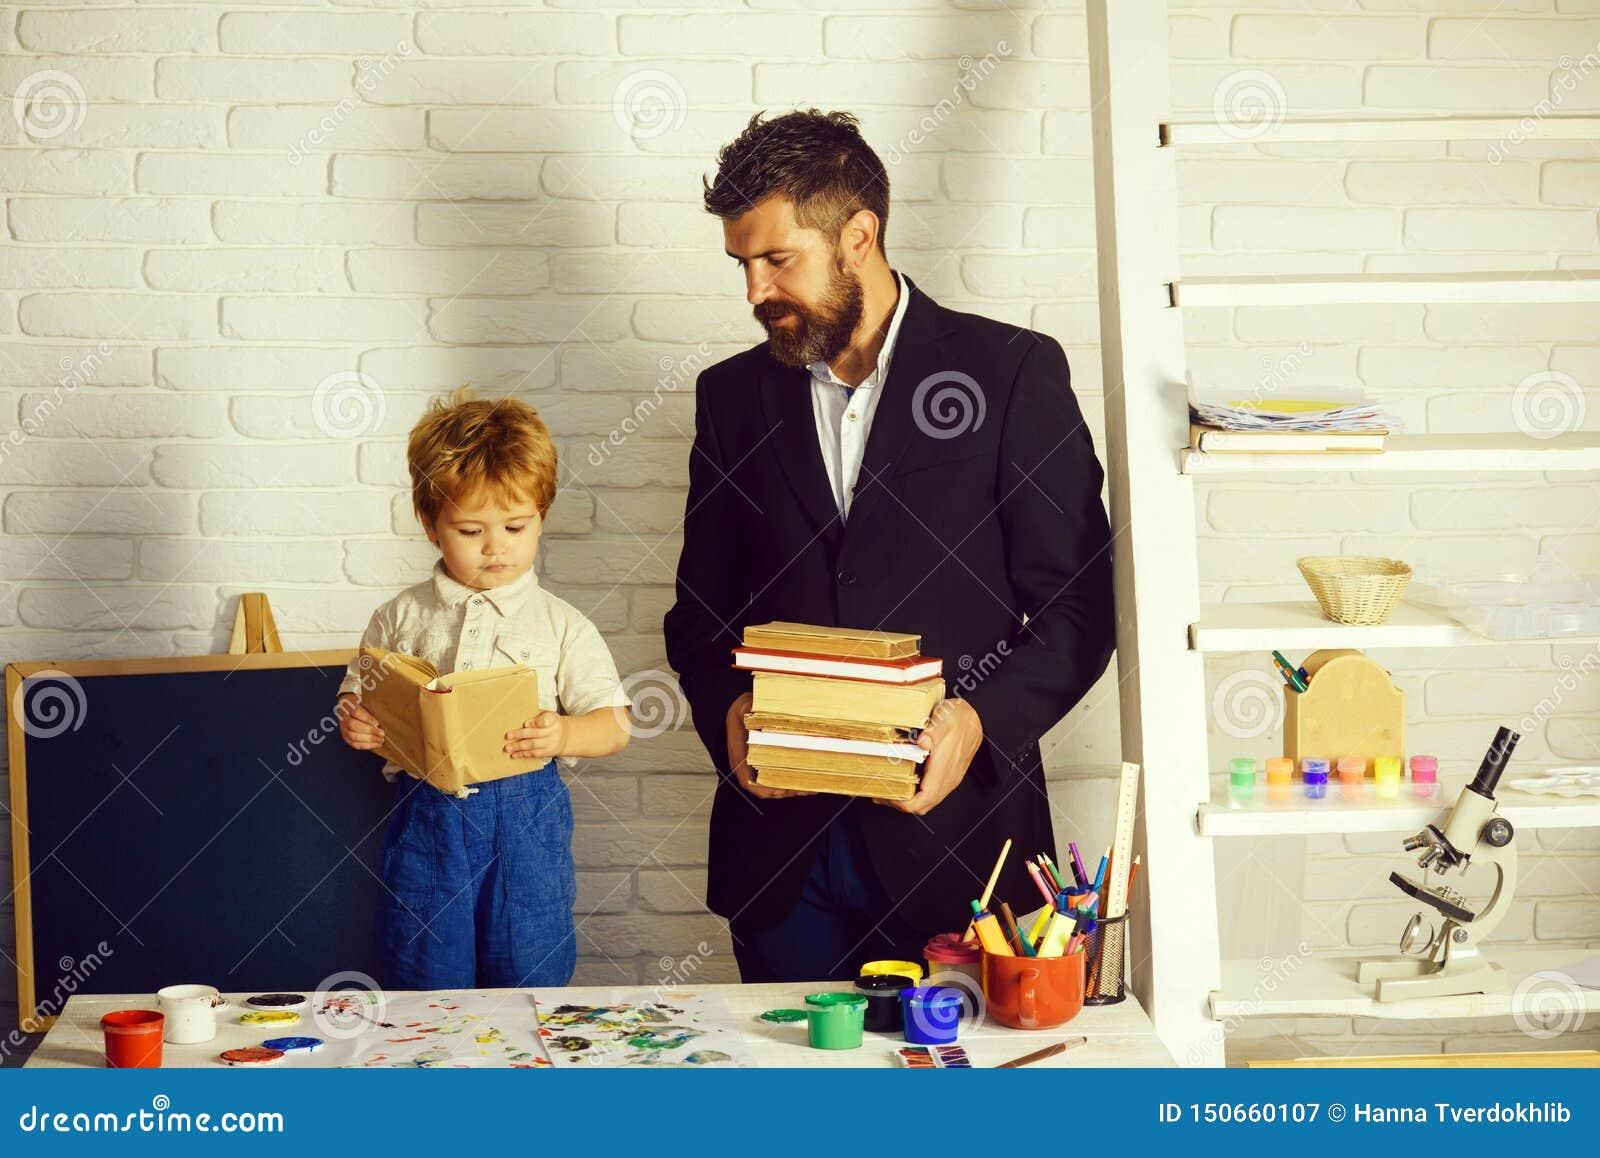 老师和学龄前儿童 ?? 教育和传说